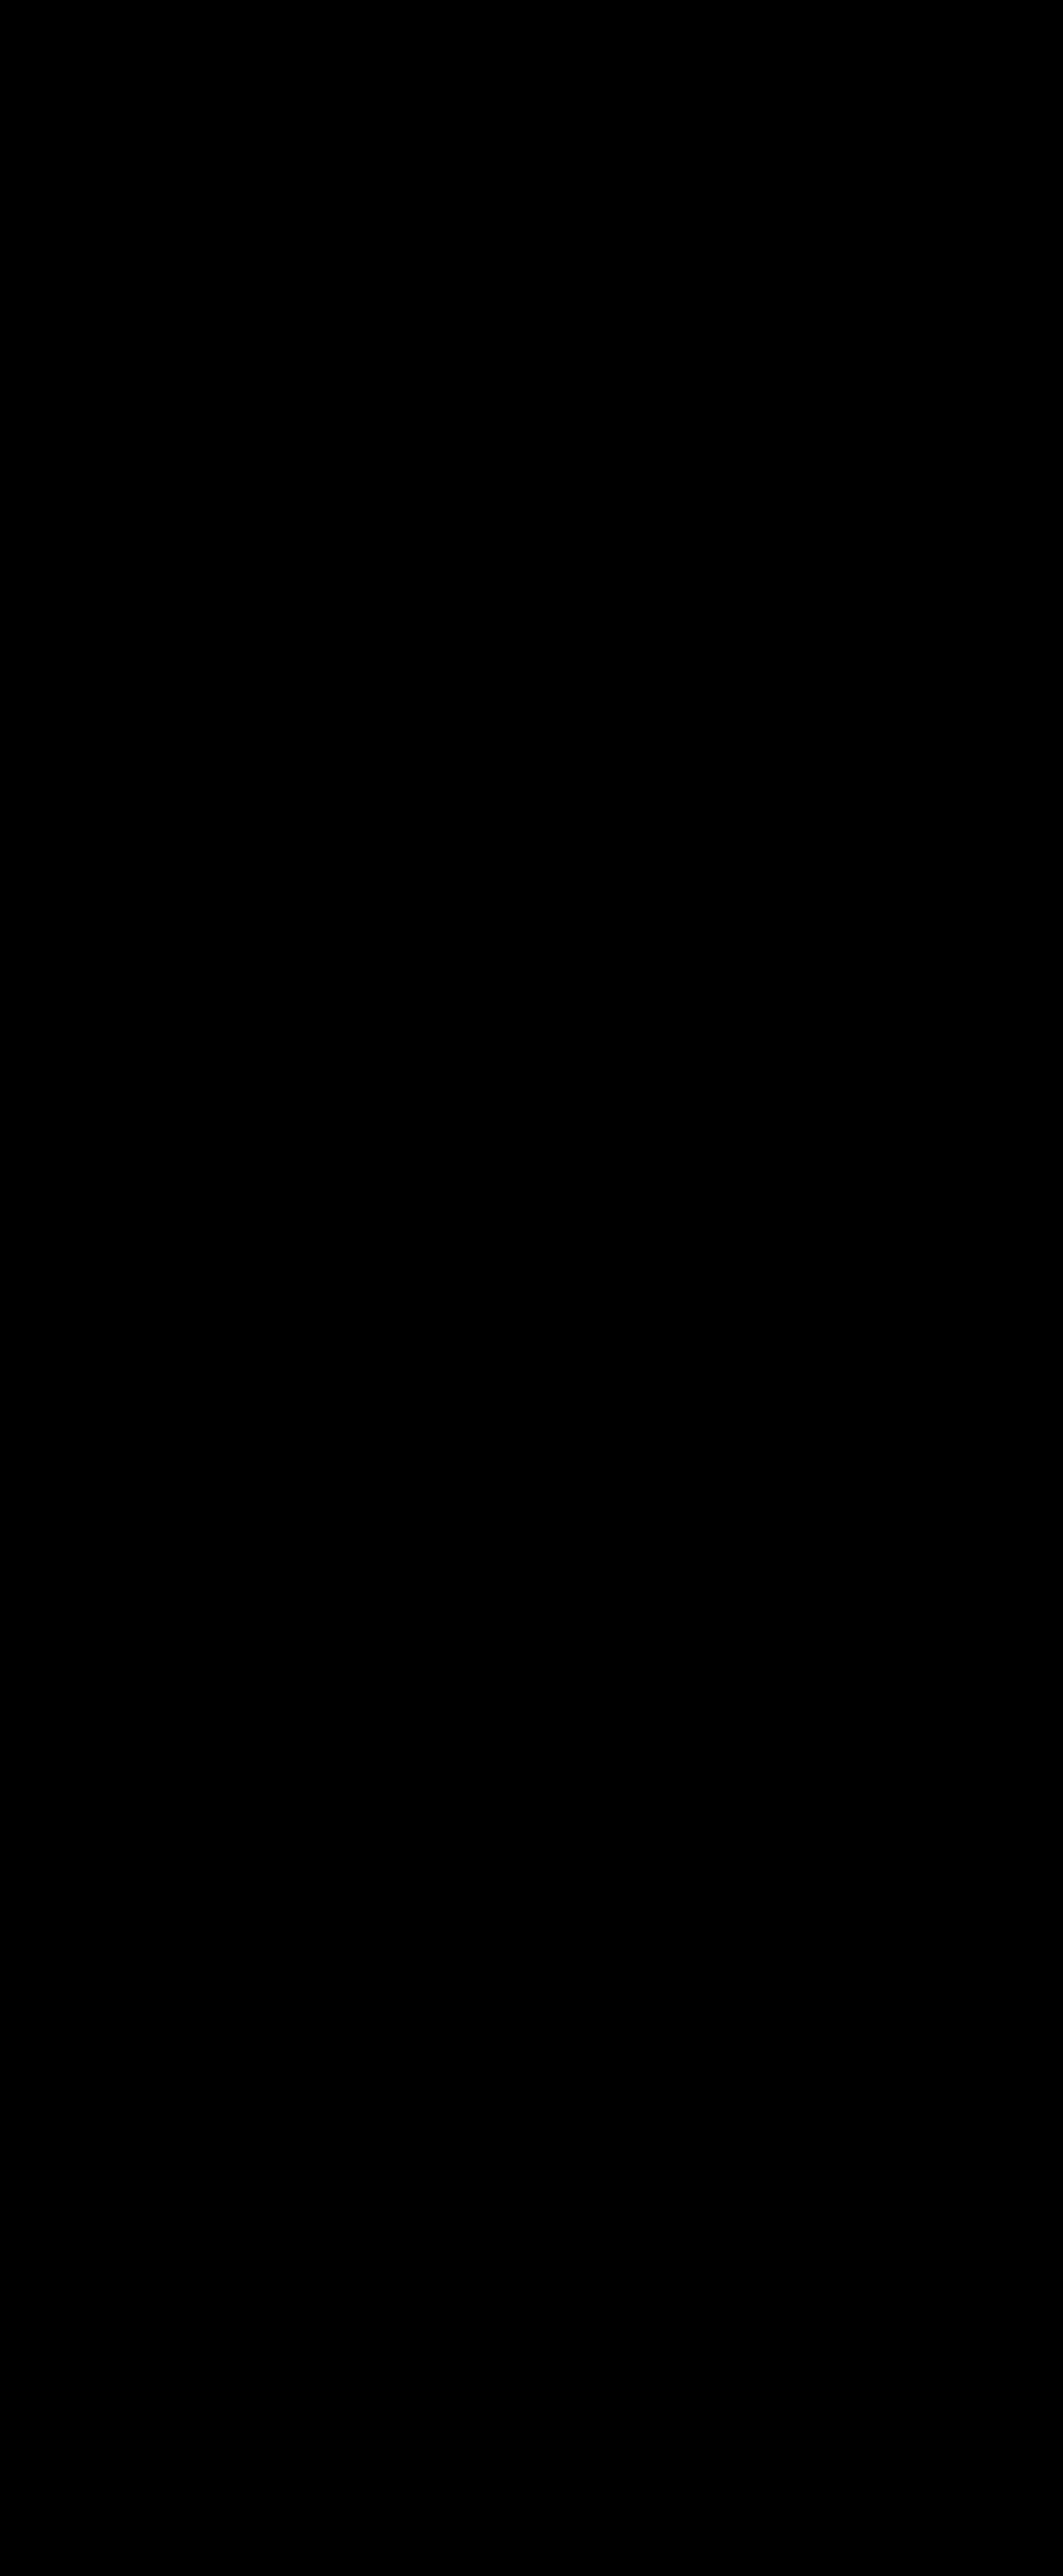 under budget banner1